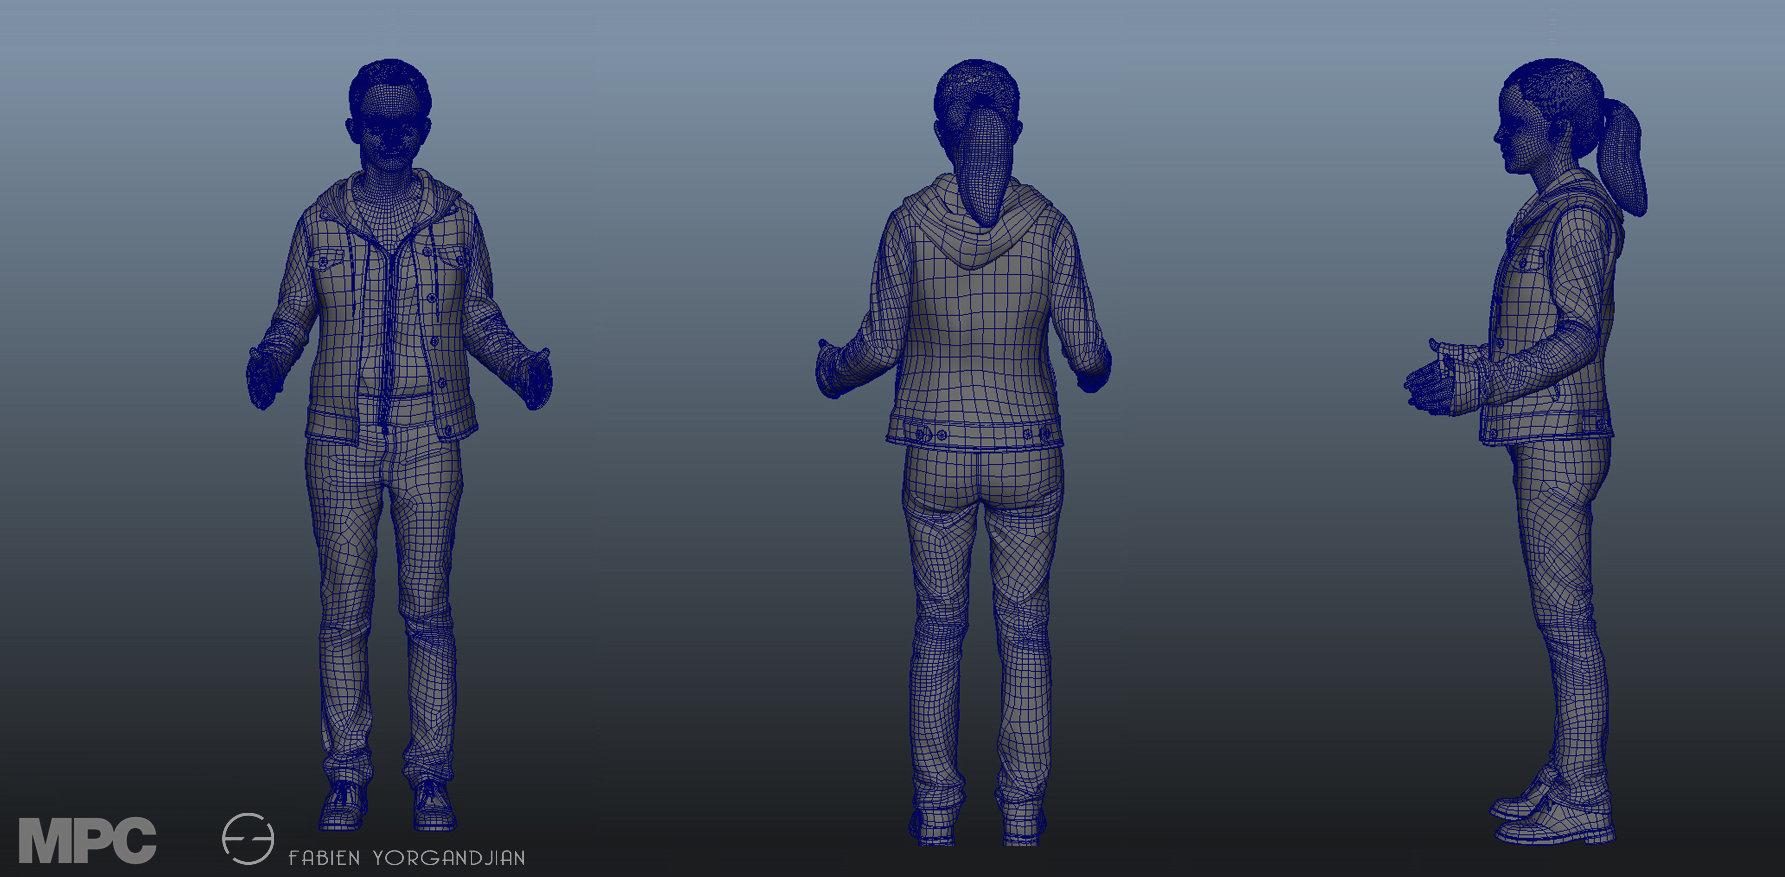 Fabien yorgandjian harrypotter hermione digitaldouble 02